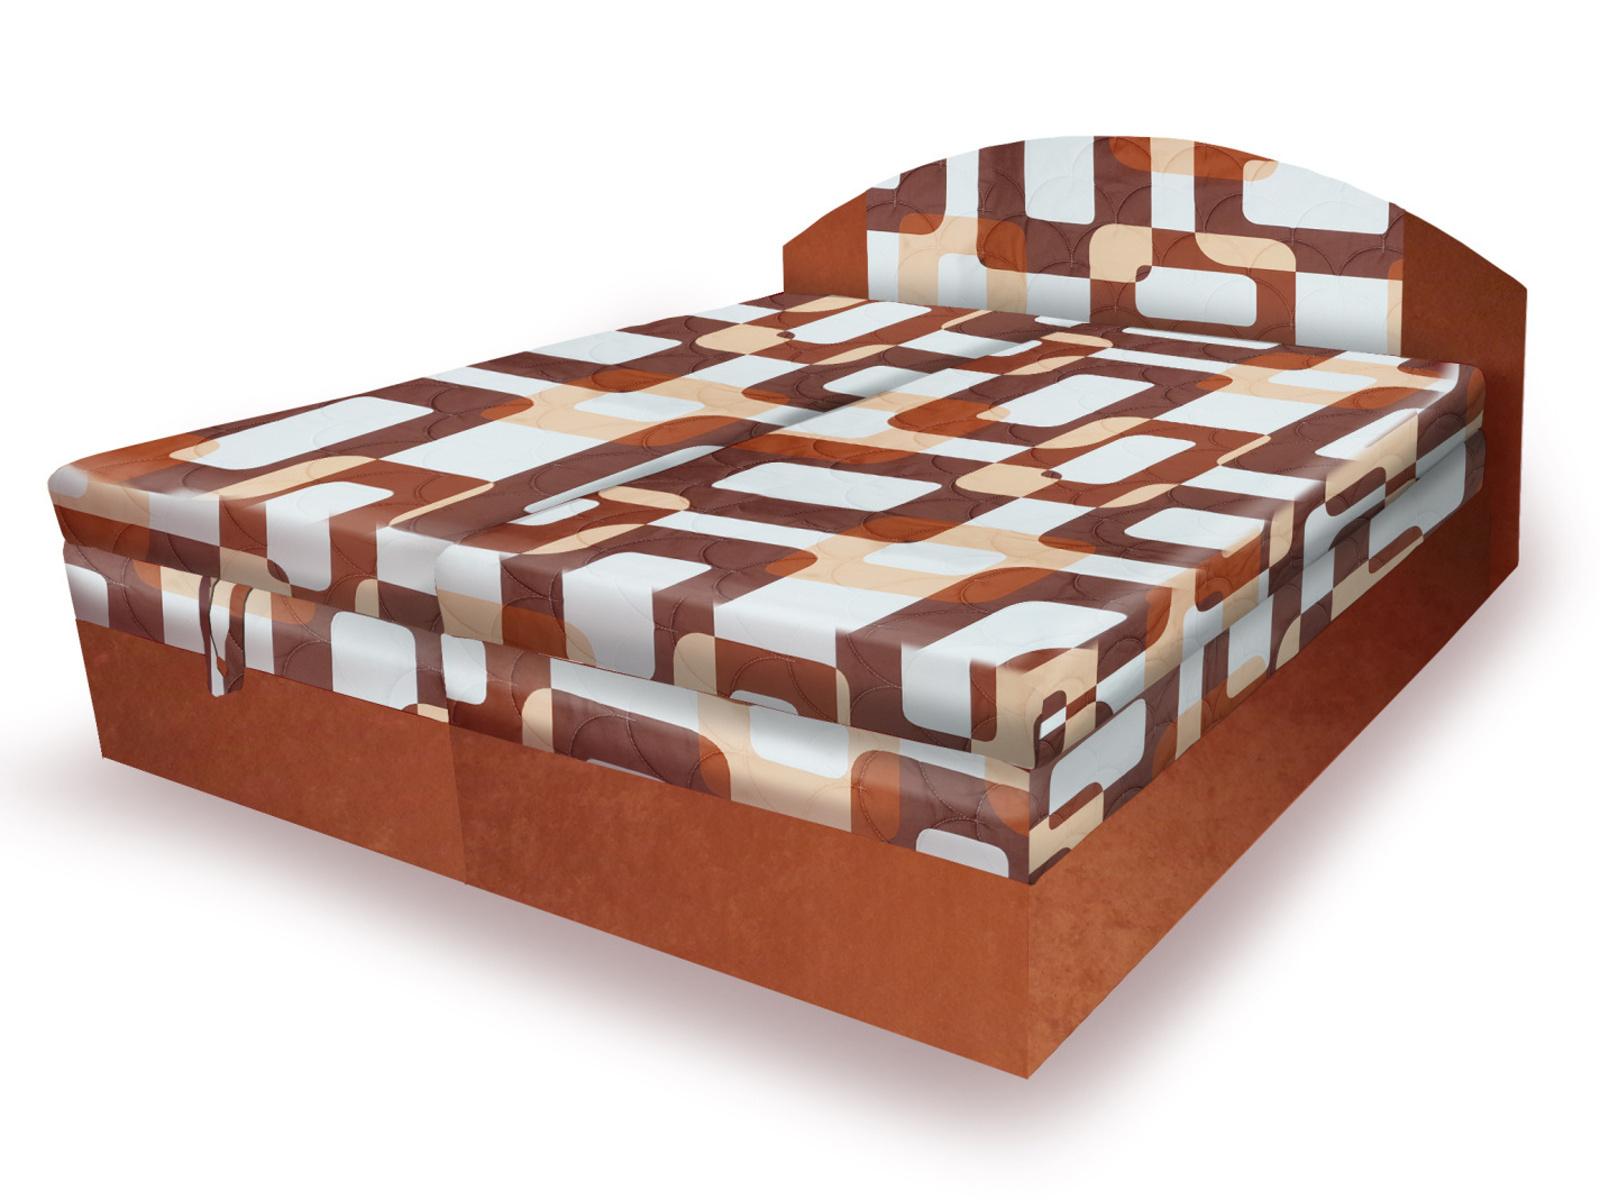 Smartshop Polohovací čalouněná postel VESNA 160x200 cm, hnědá látka